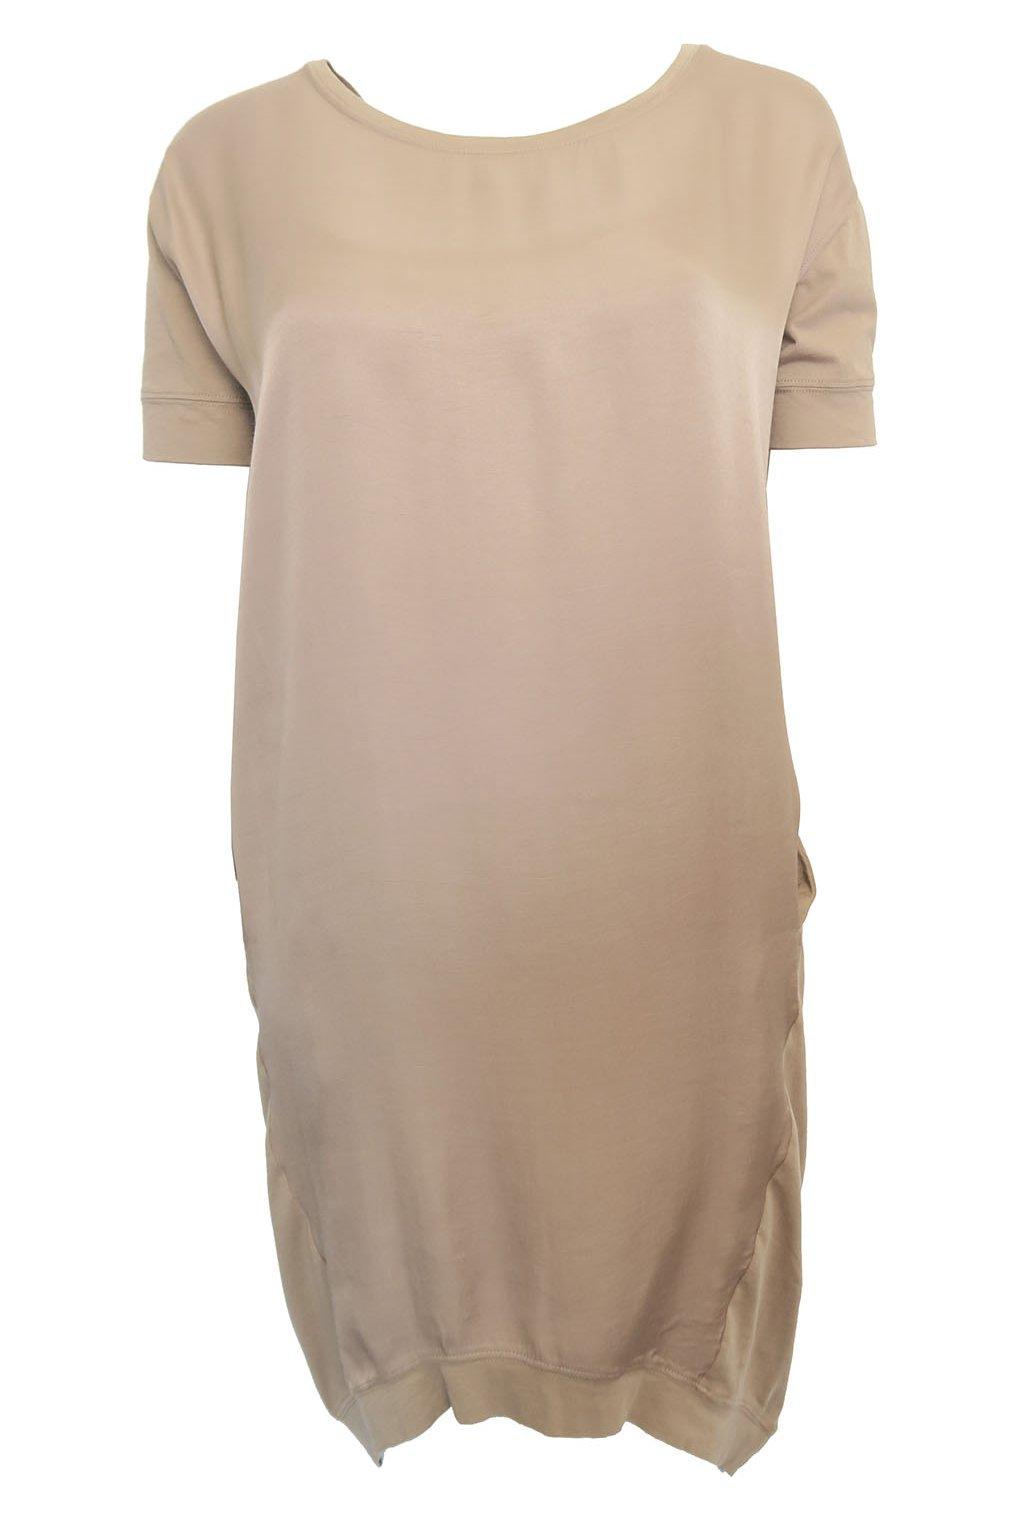 eee0562961a4 Kombinované šaty s kapsami YAYA - BERTOO